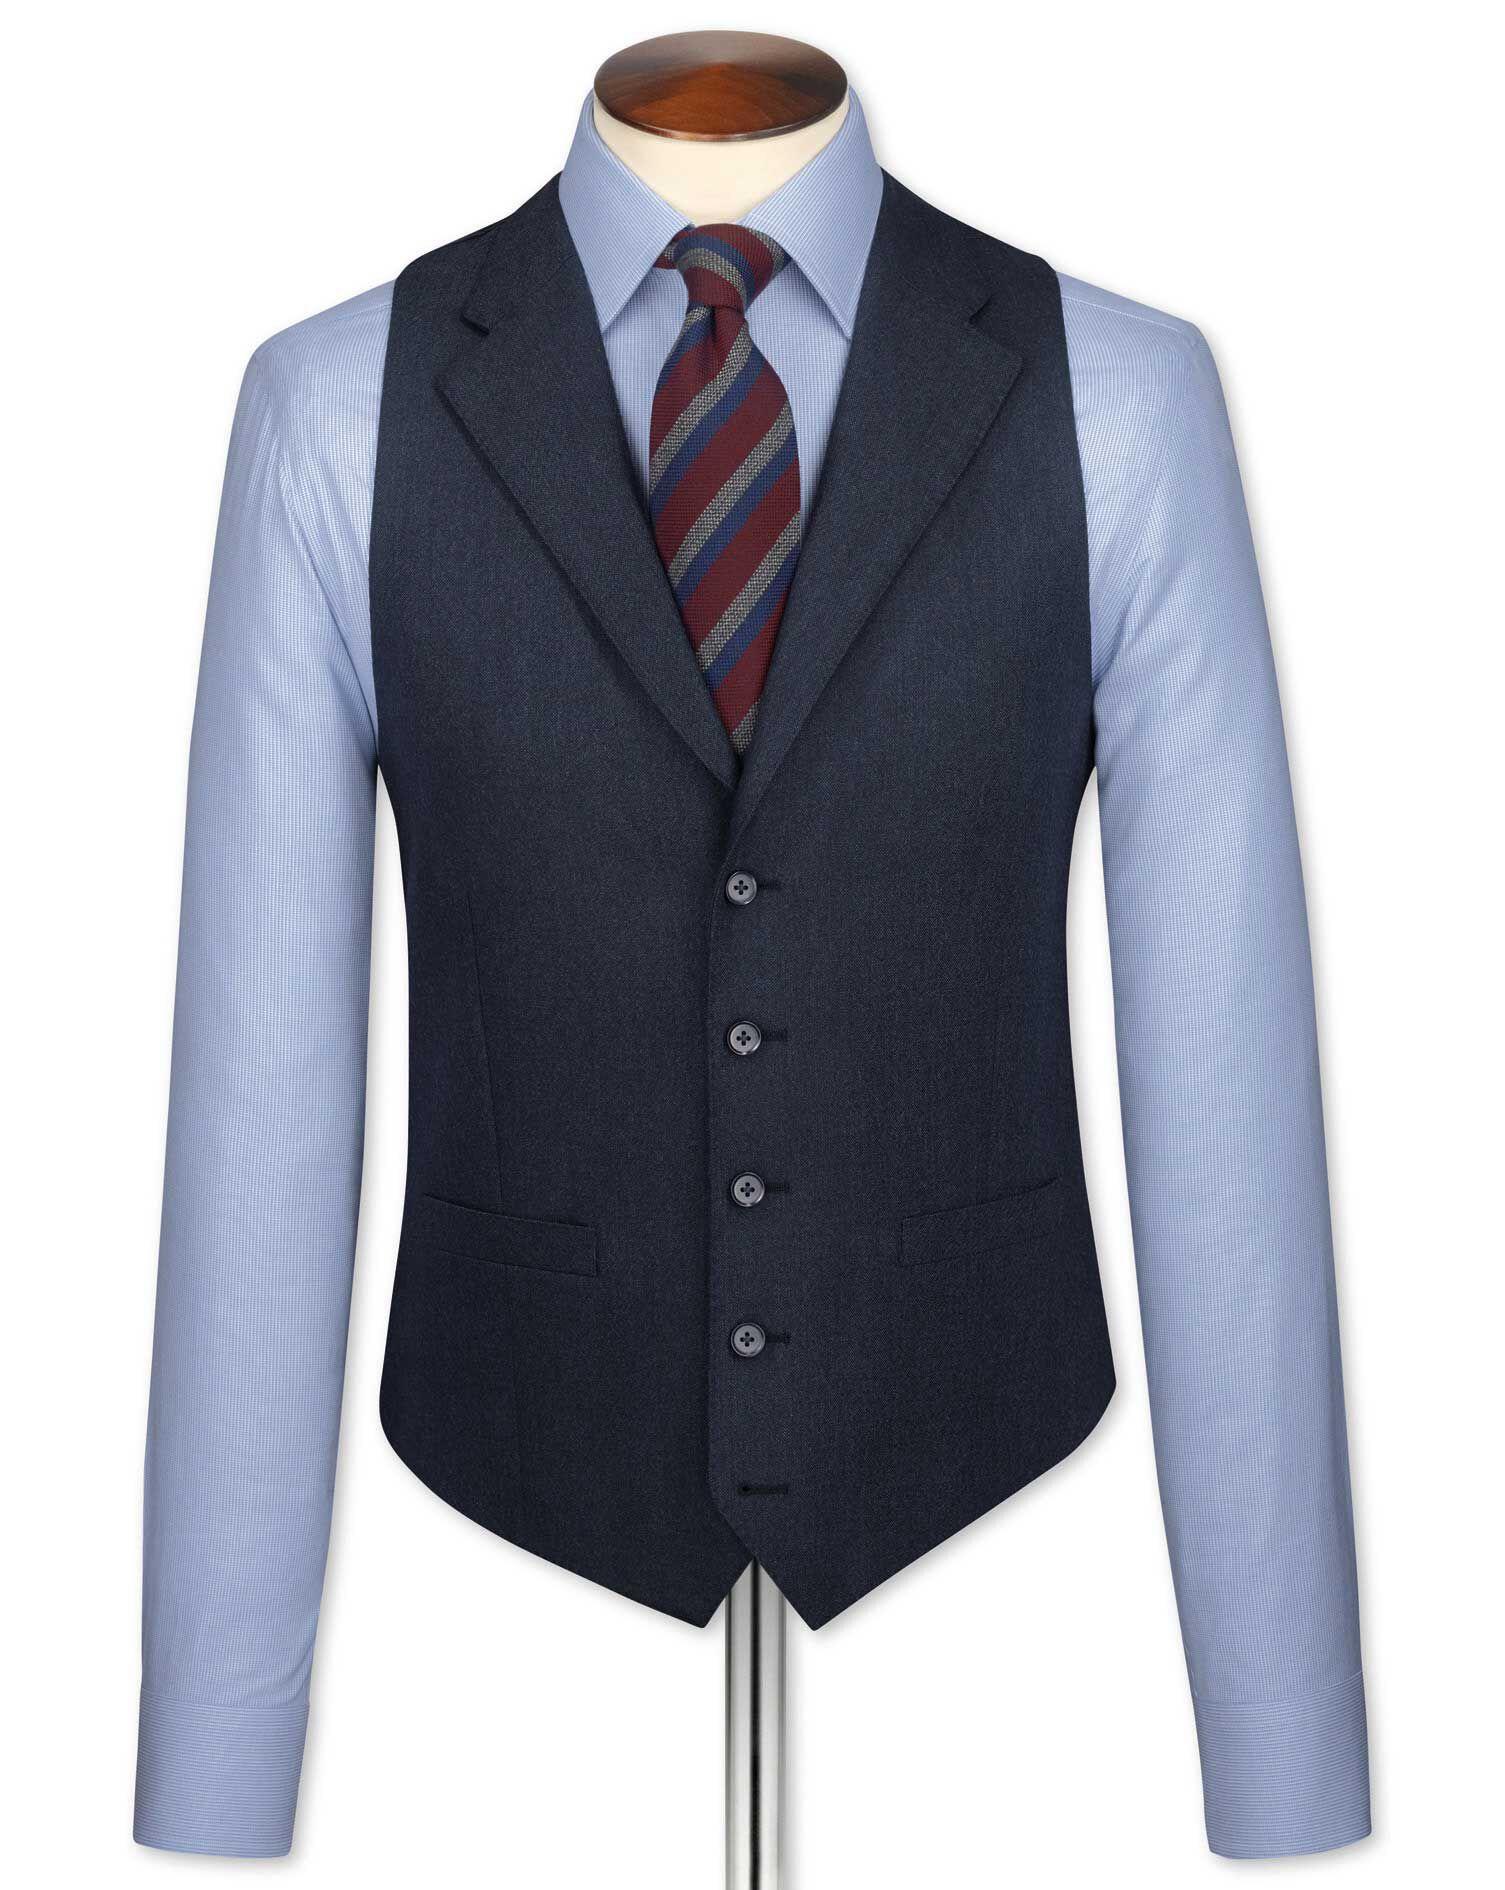 Indigo Saxony Business Suit Wool Waistcoat Size w46 by Charles Tyrwhitt